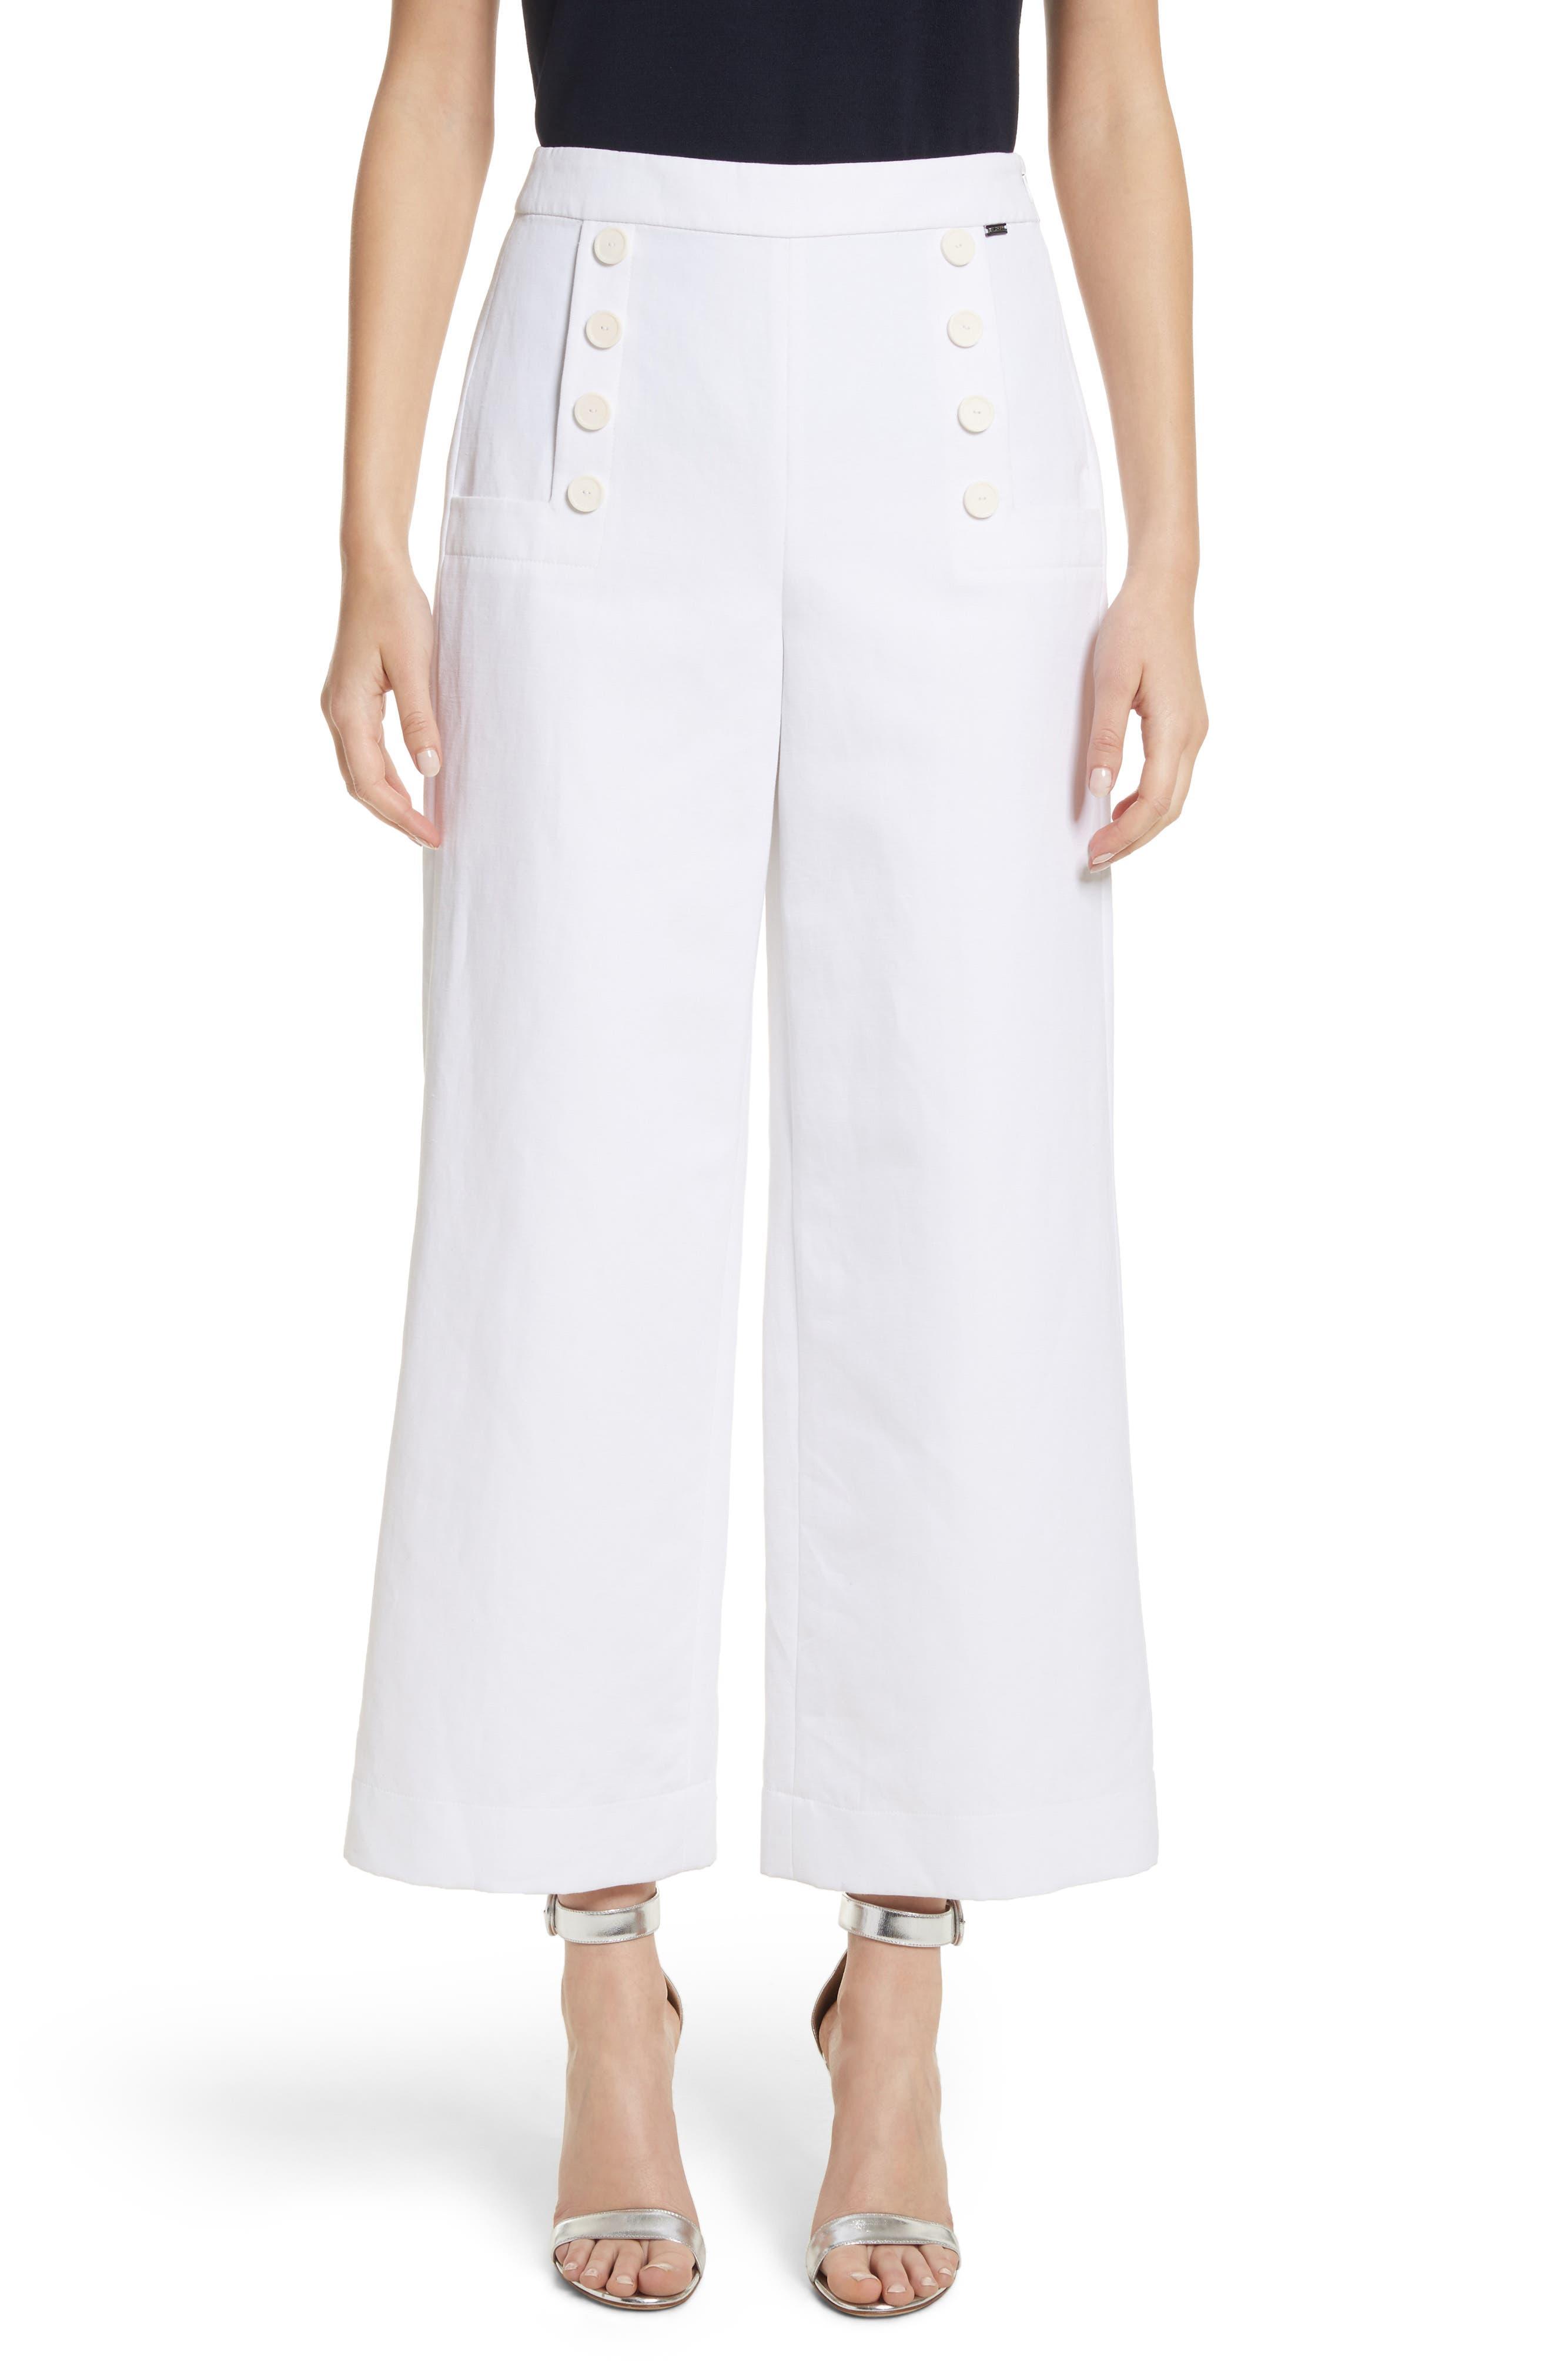 Cotton & Linen Crop Wide Leg Pants,                             Main thumbnail 1, color,                             100